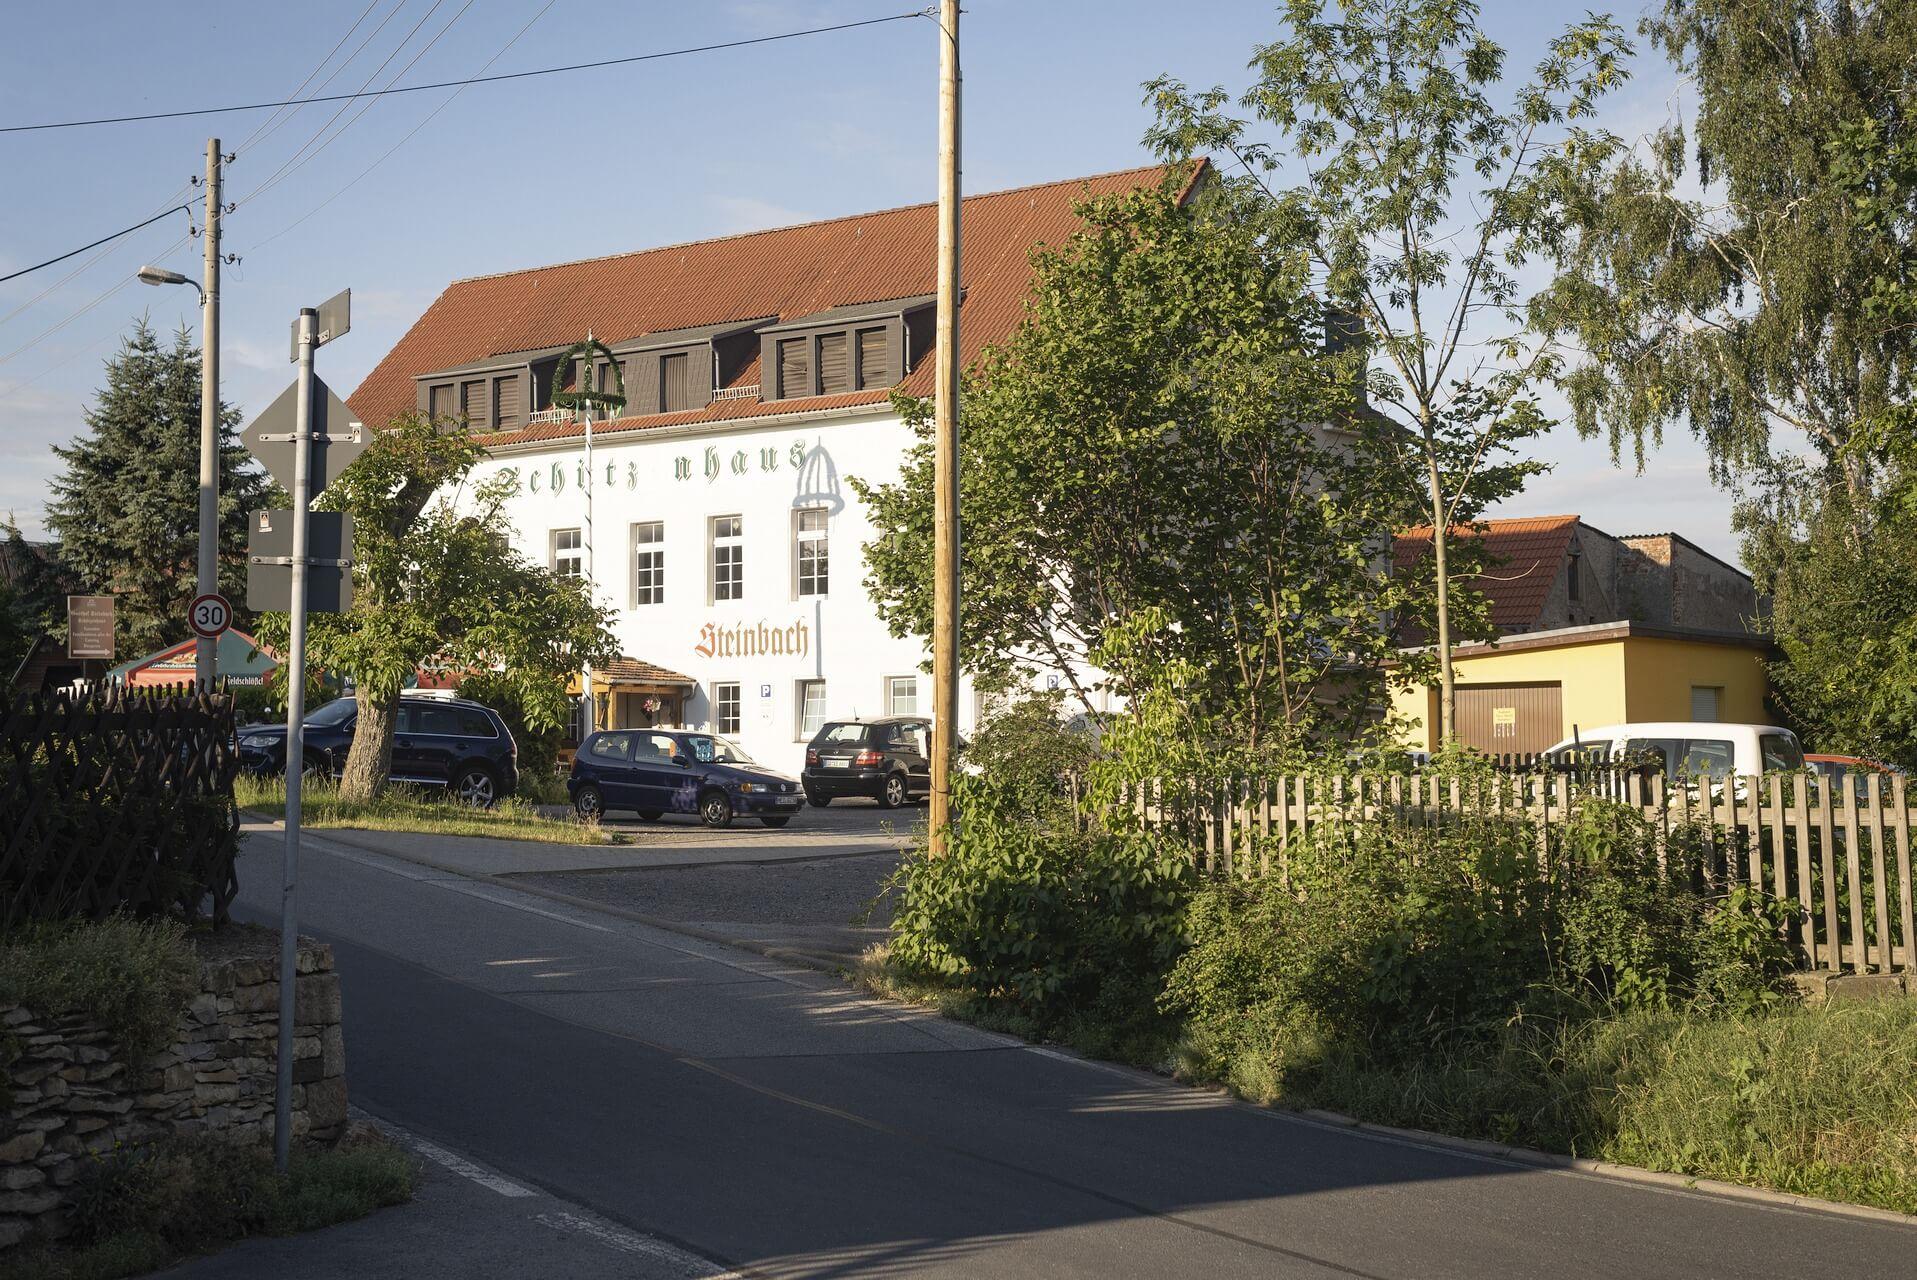 Dresden - Steinbach